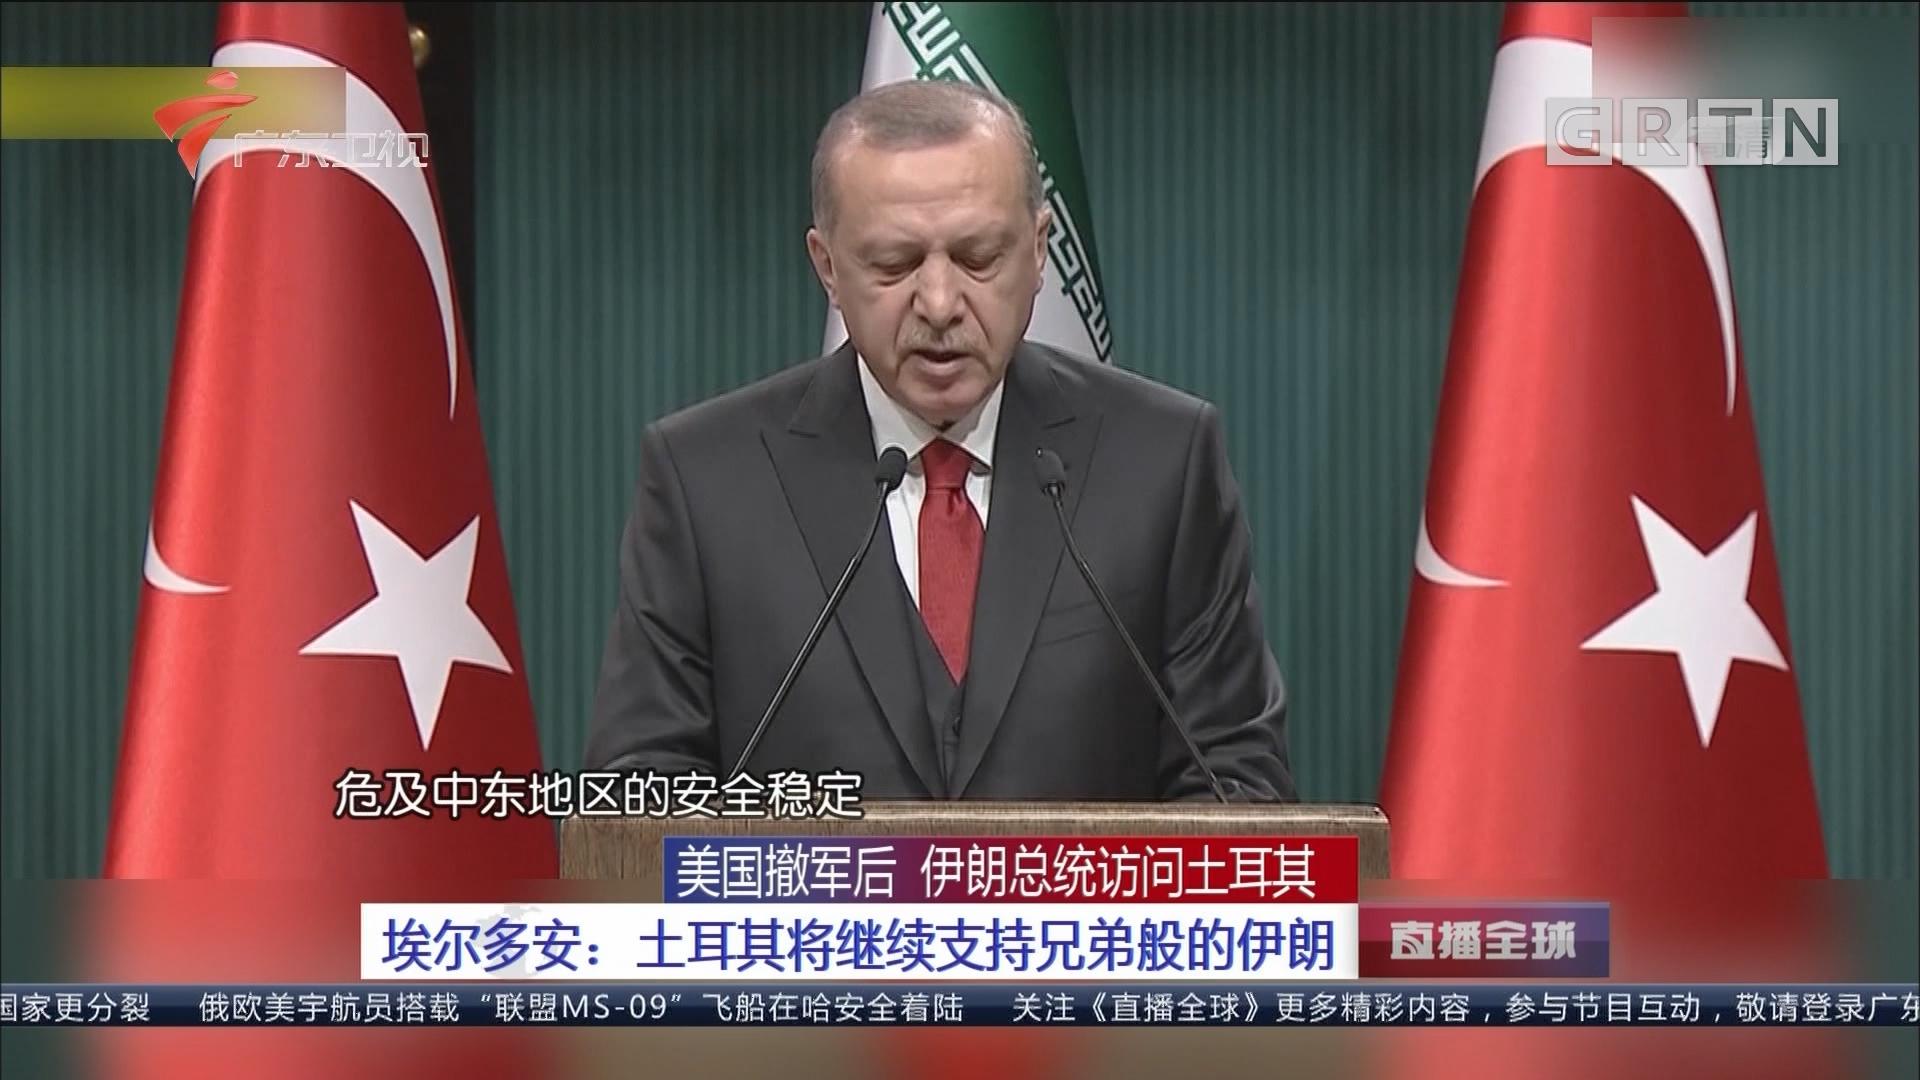 美国撤军后 伊朗总统访问土耳其 埃尔多安:土耳其将继续支持兄弟般的伊朗